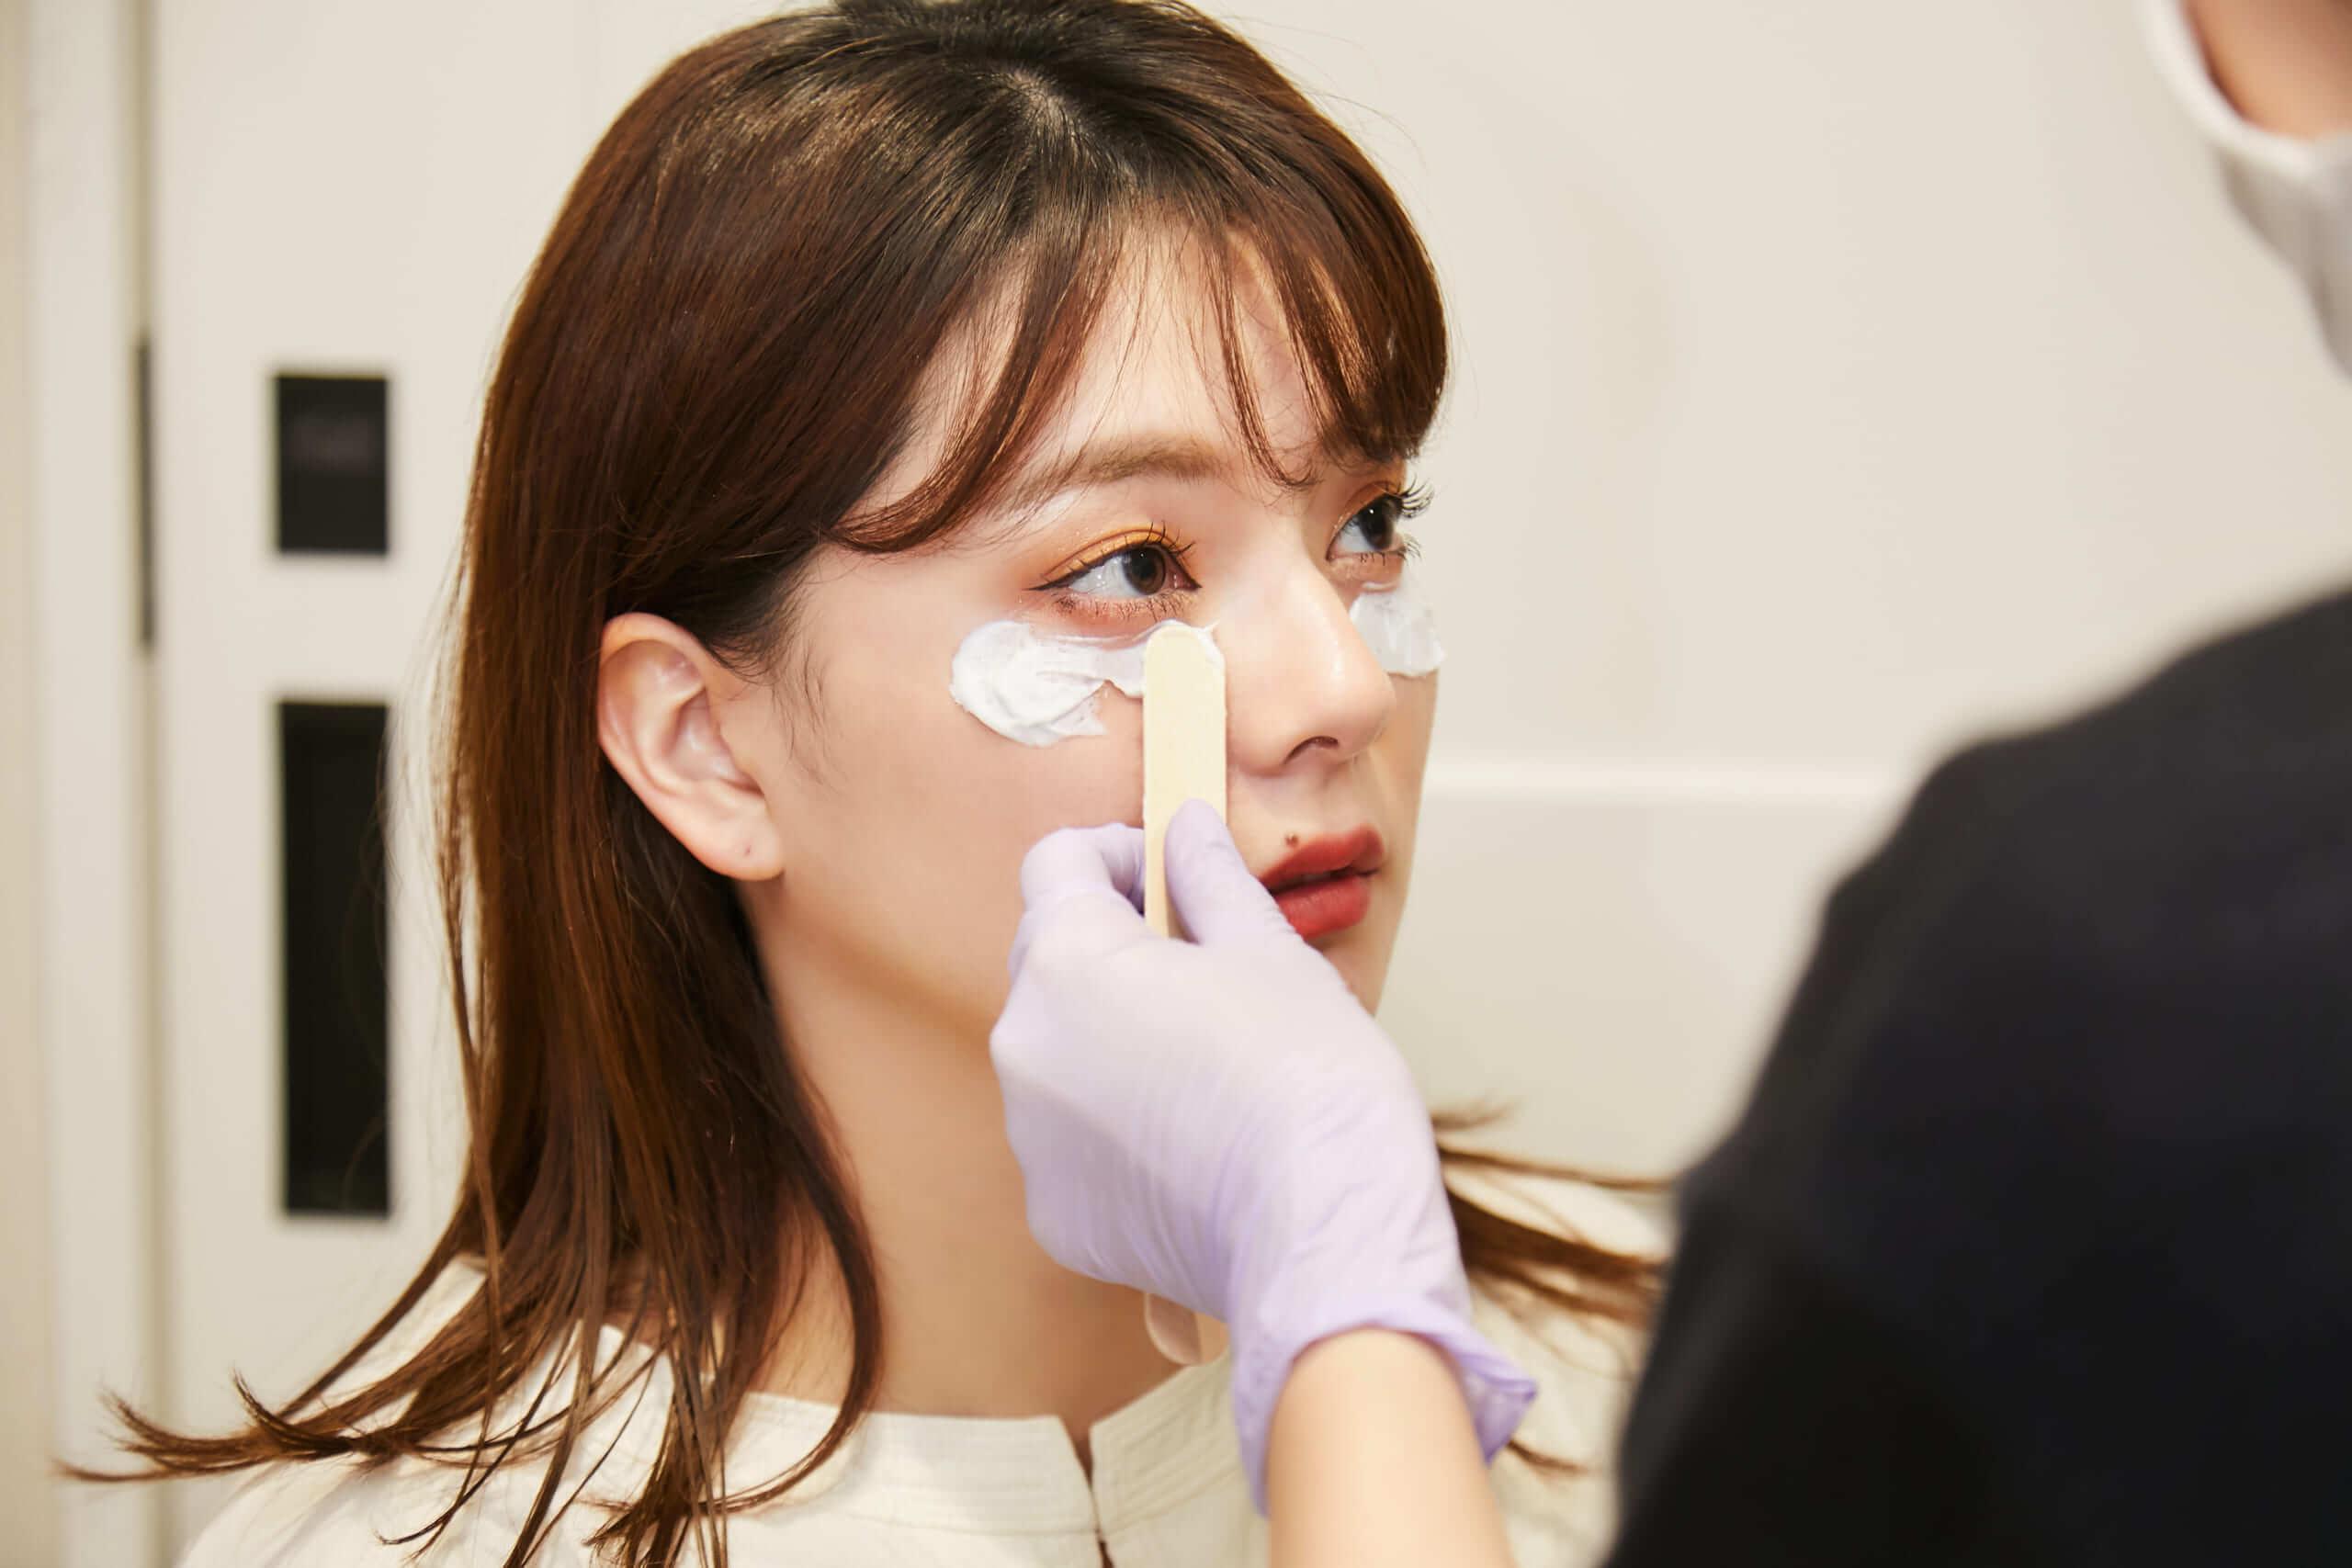 プルージュ美容クリニックのPRP「ぷるぷる注射」を打つ前に表面麻酔を塗る様子